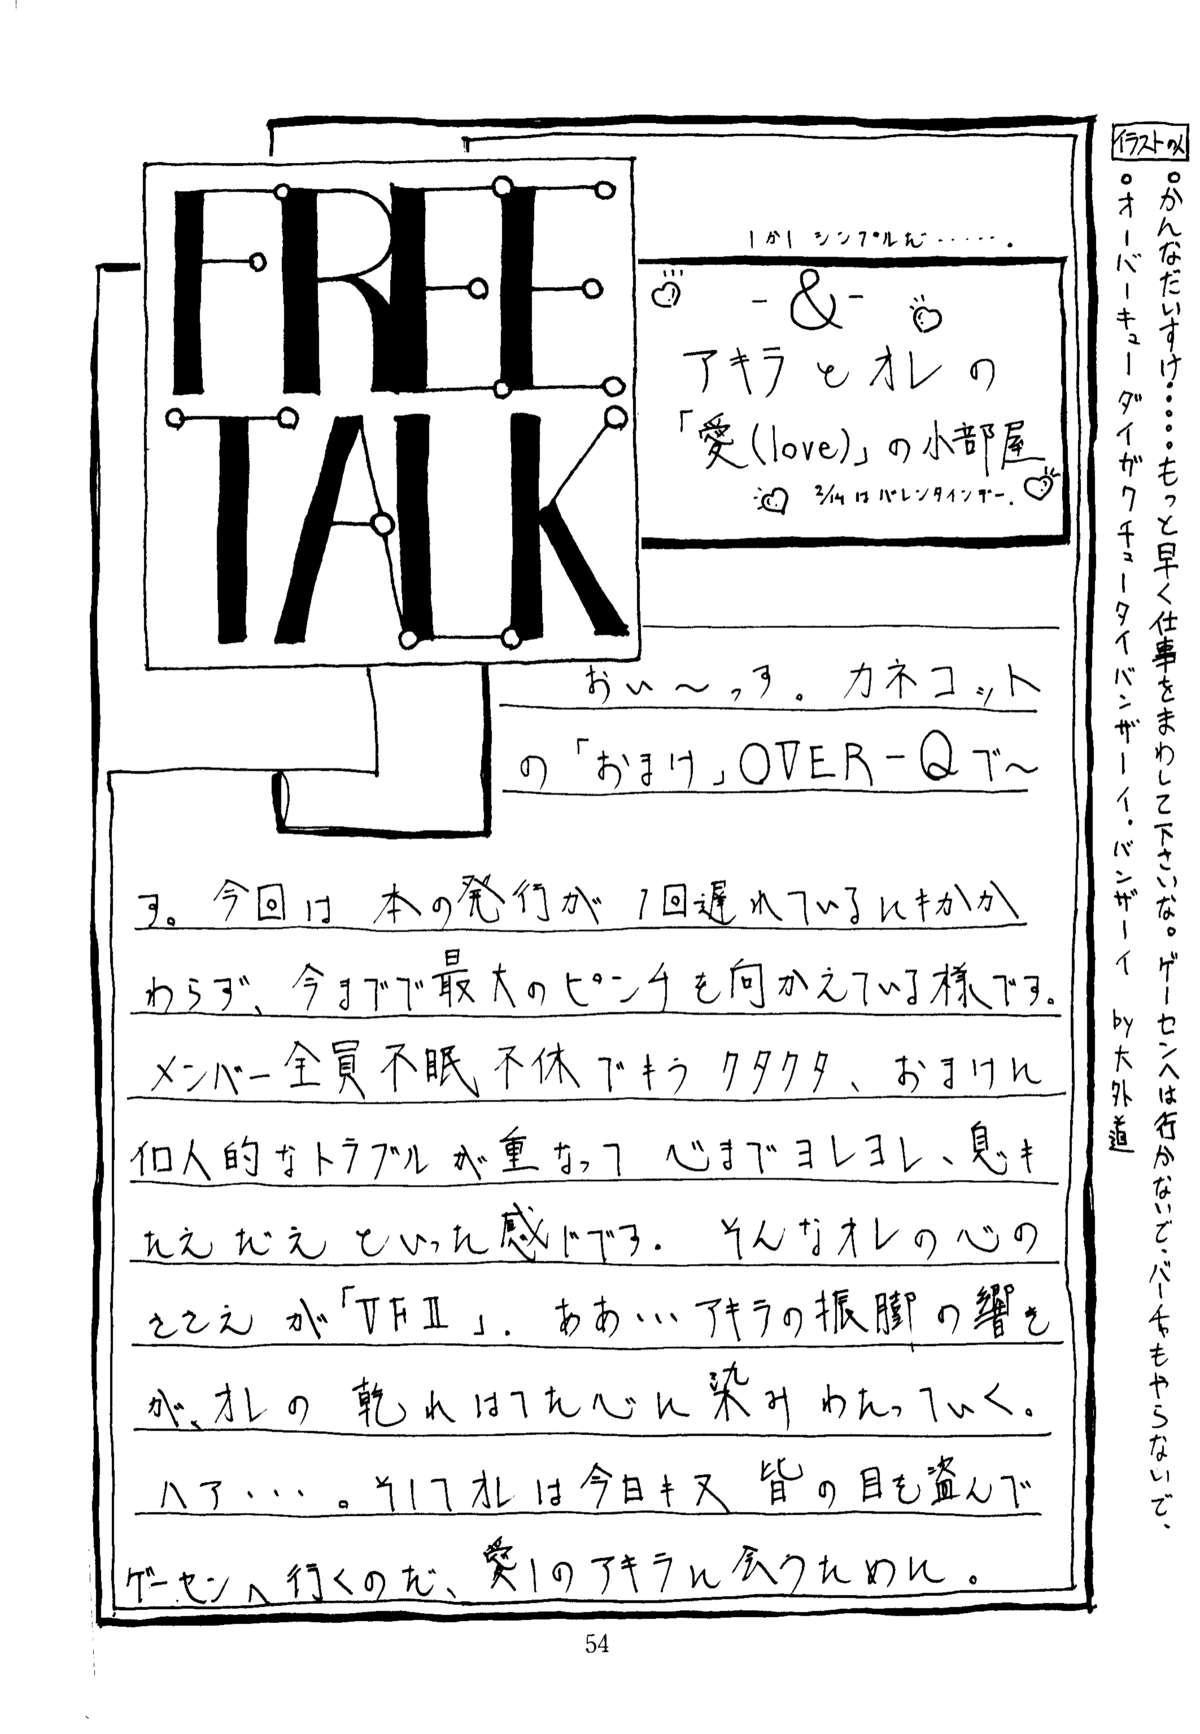 Shikiyoku Hokkedan 3 53